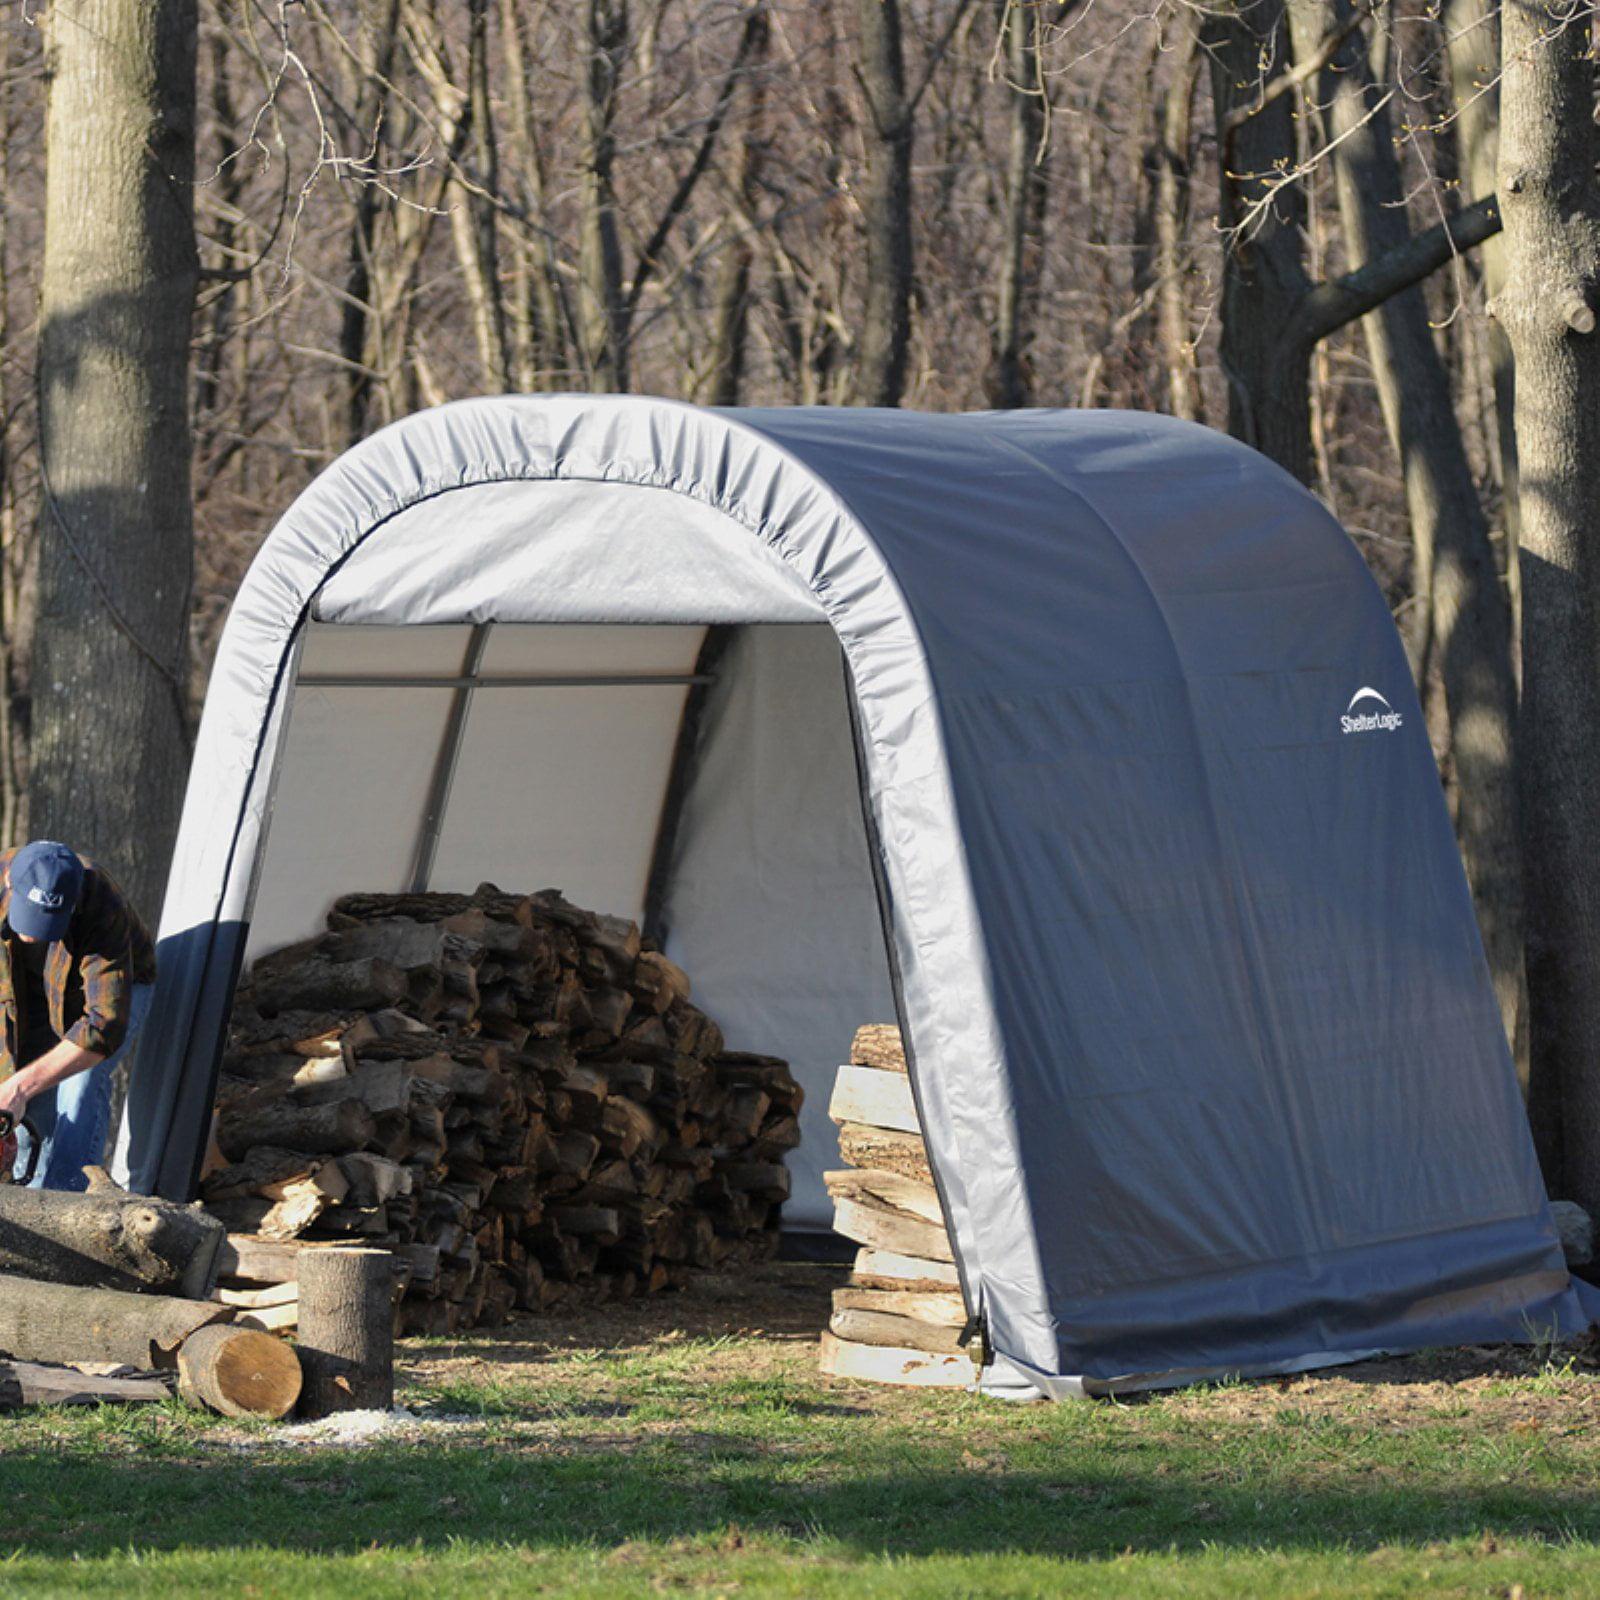 10' x 12' x 8' Round Style Shelter by ShelterLogic